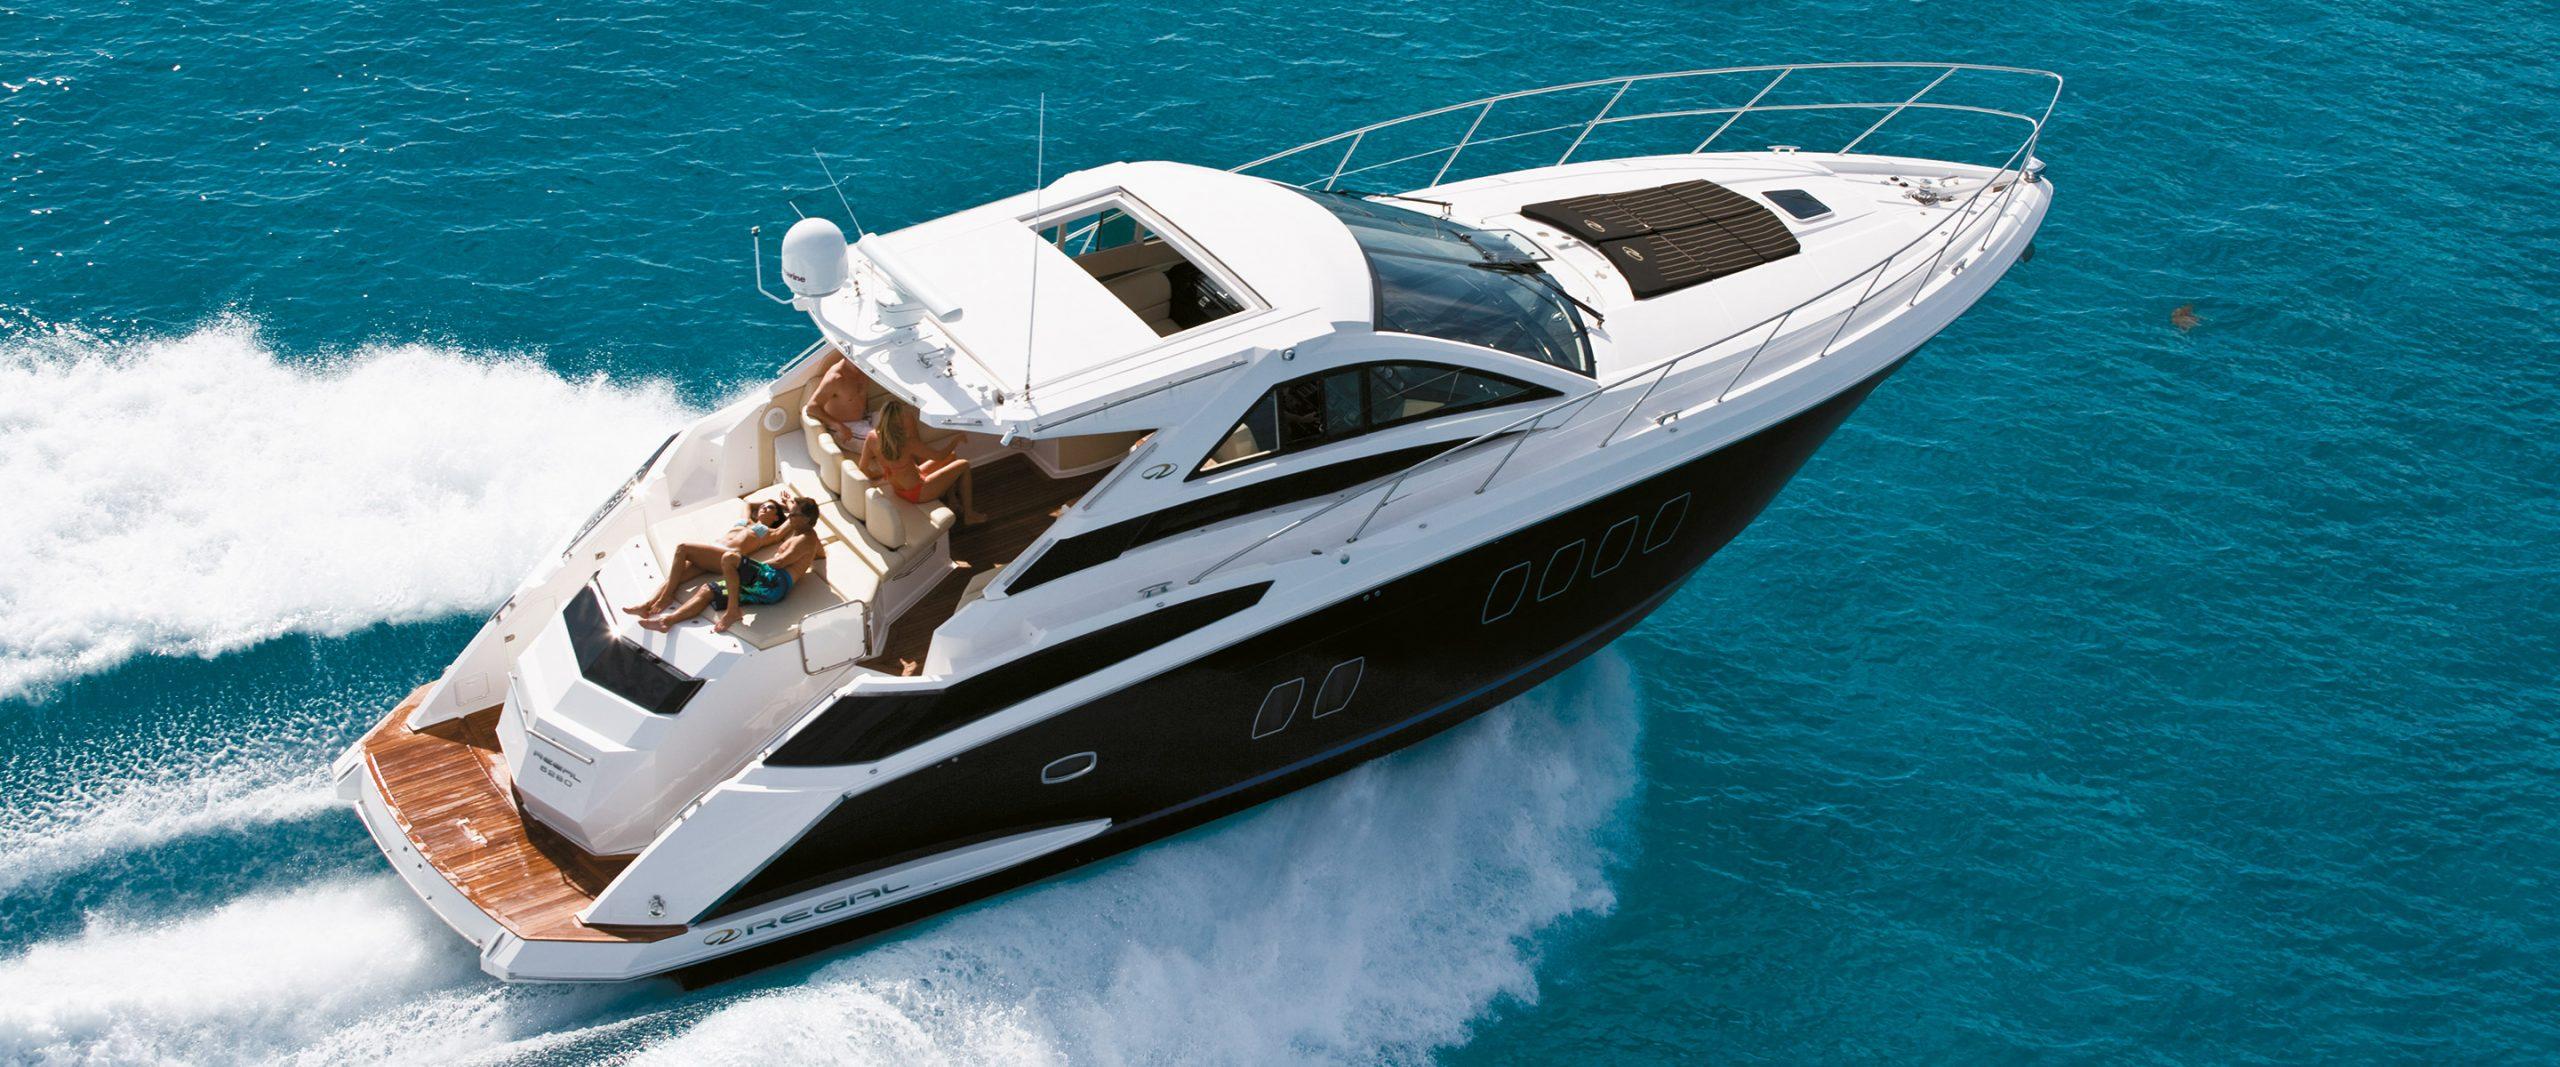 Motor Boats FAQs